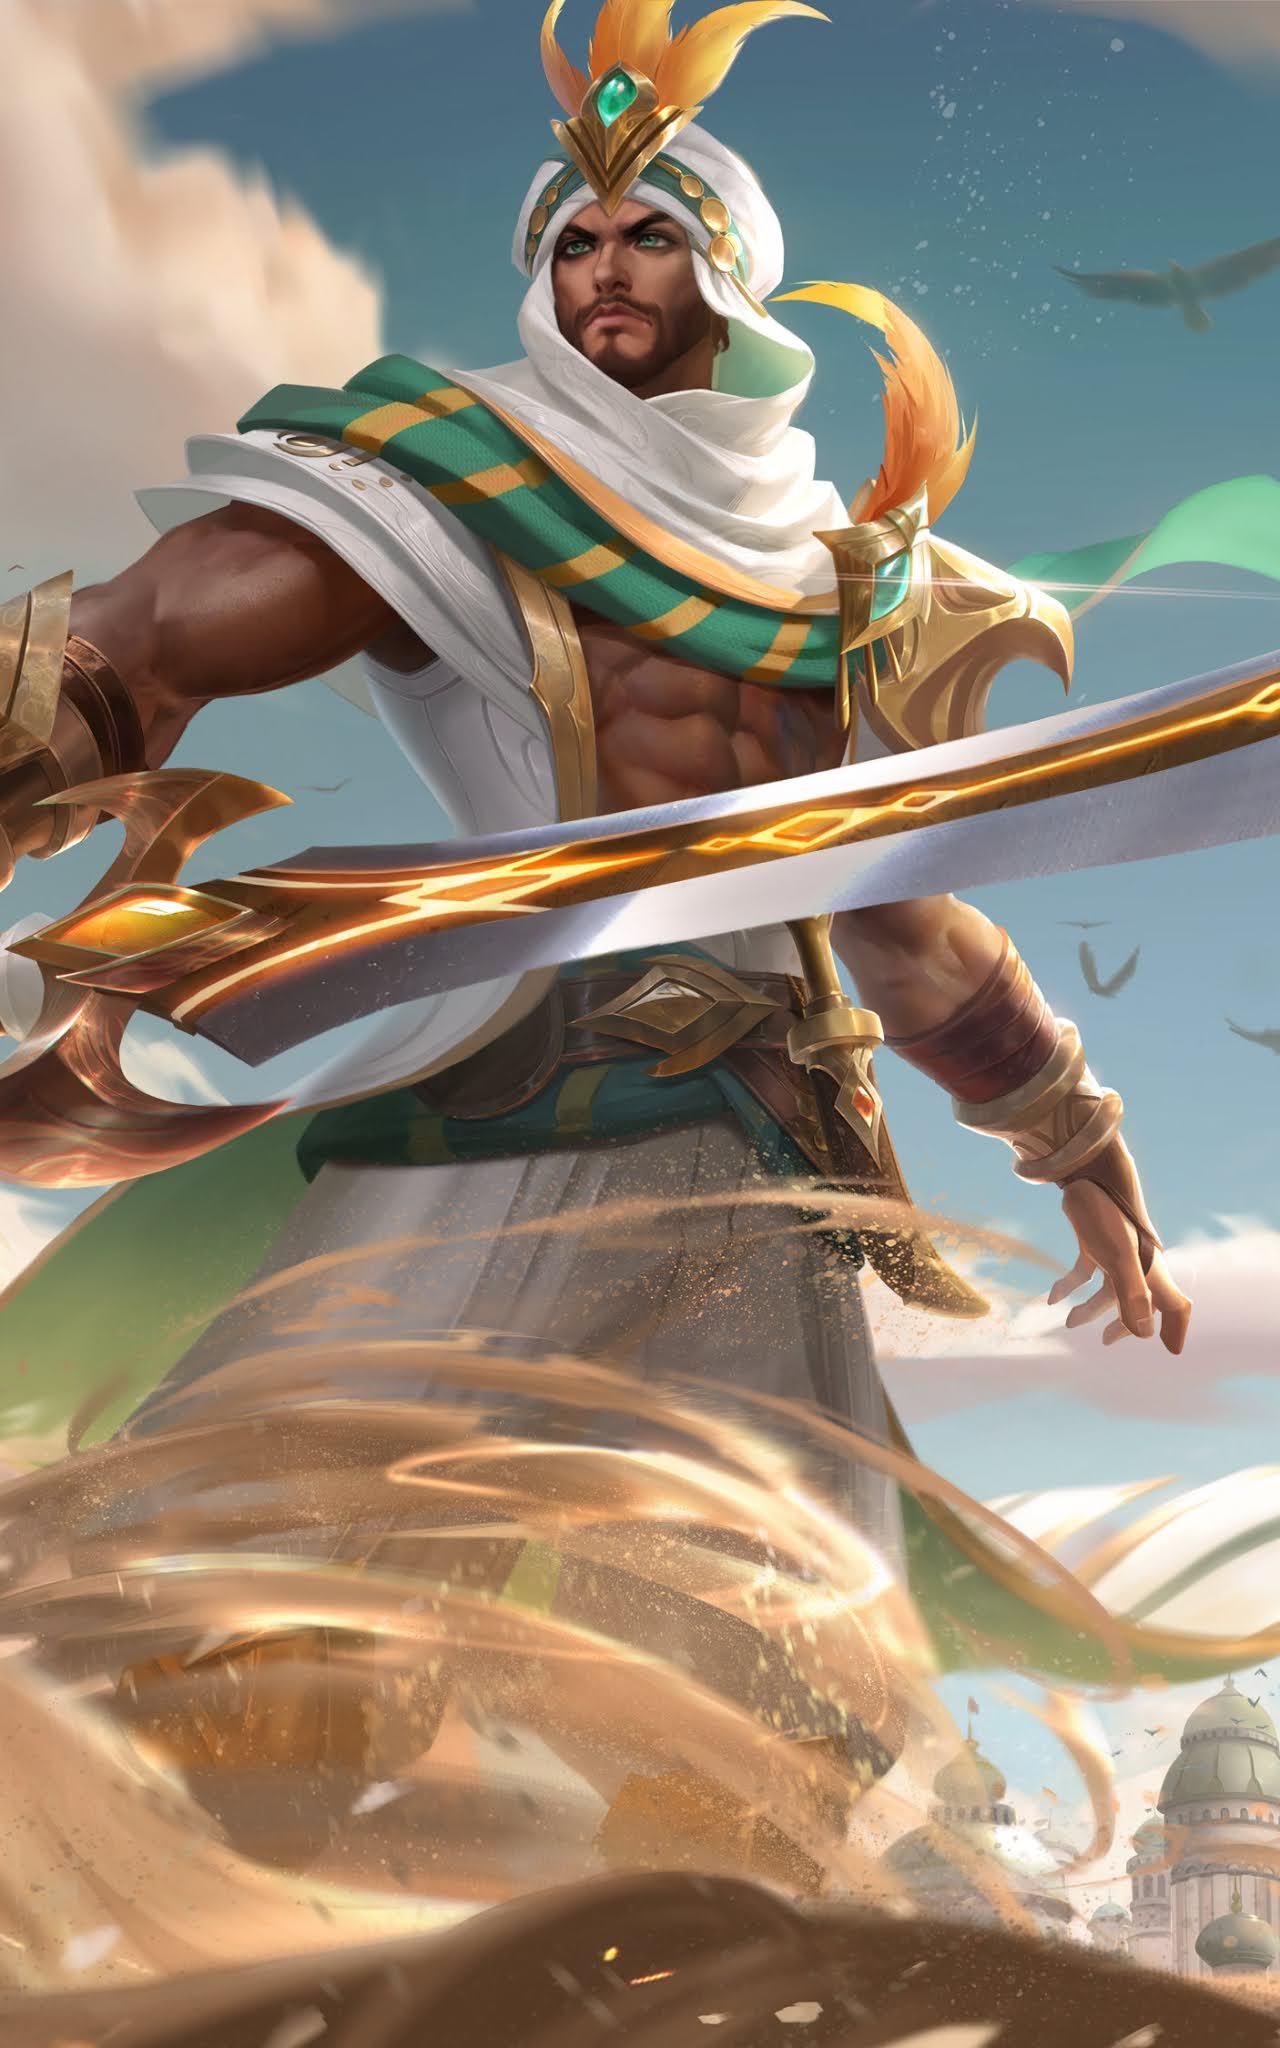 Khaleed wallpaper mobile legends